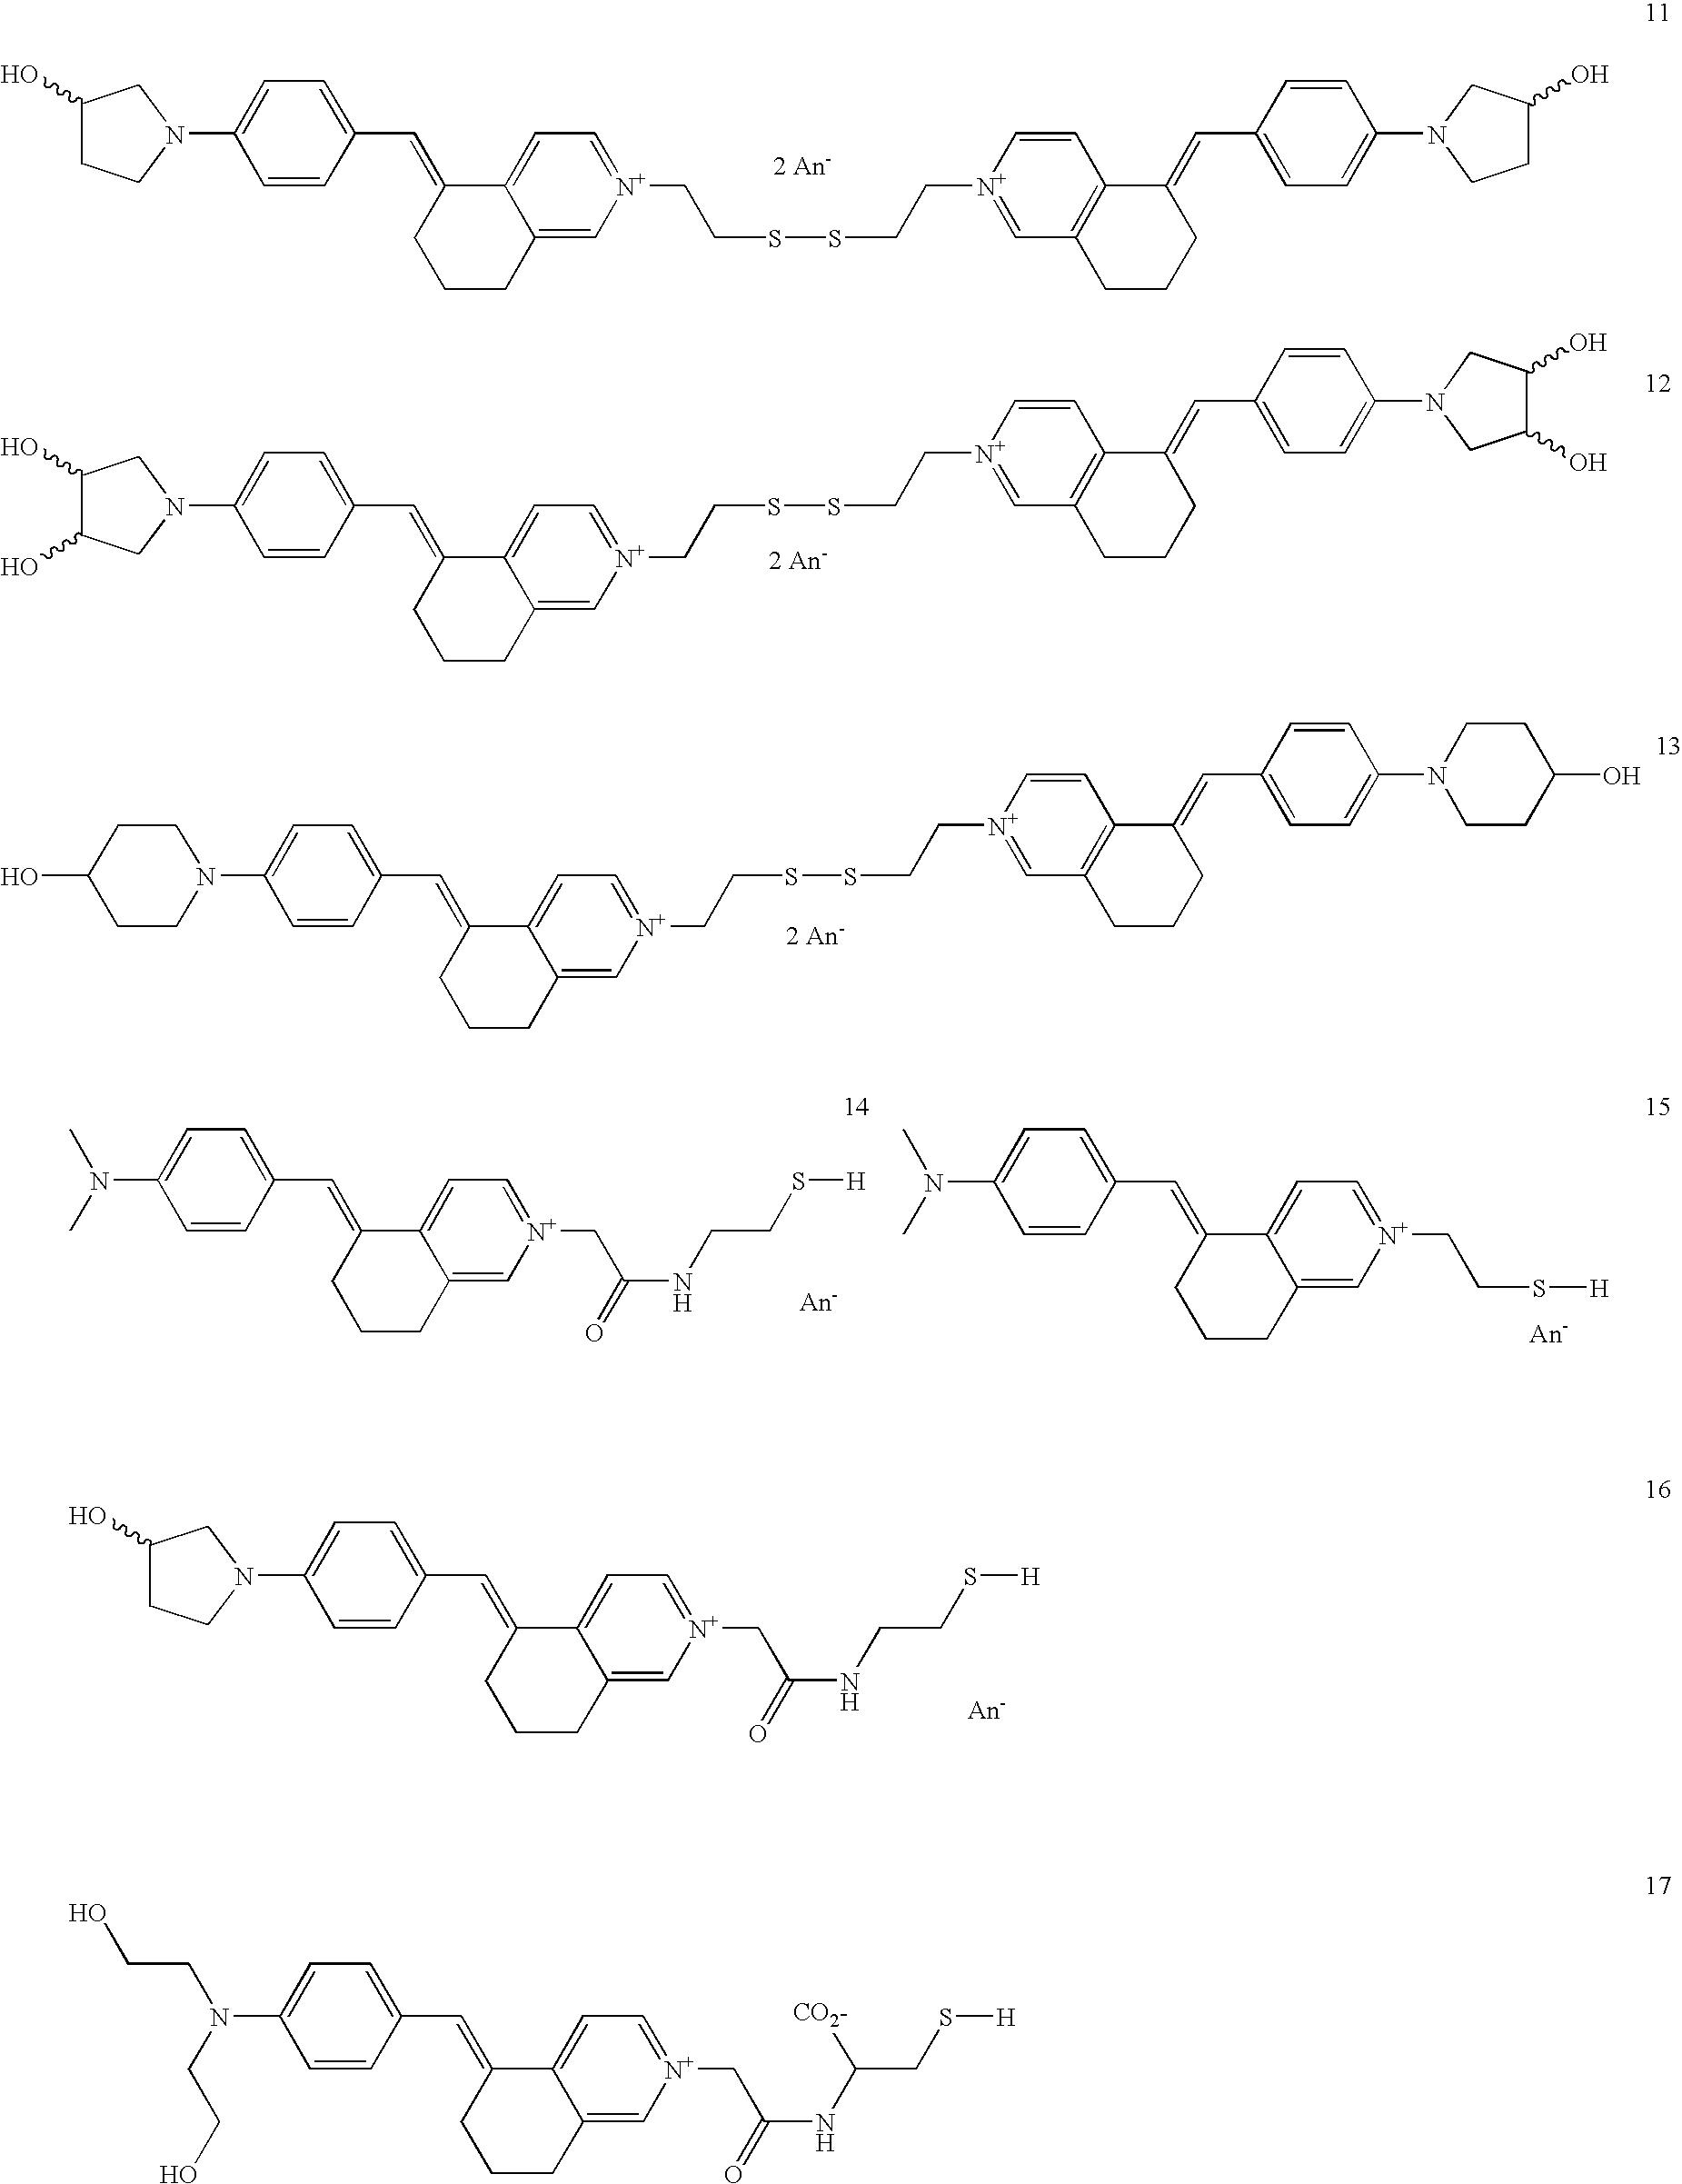 Figure US20090126125A1-20090521-C00041